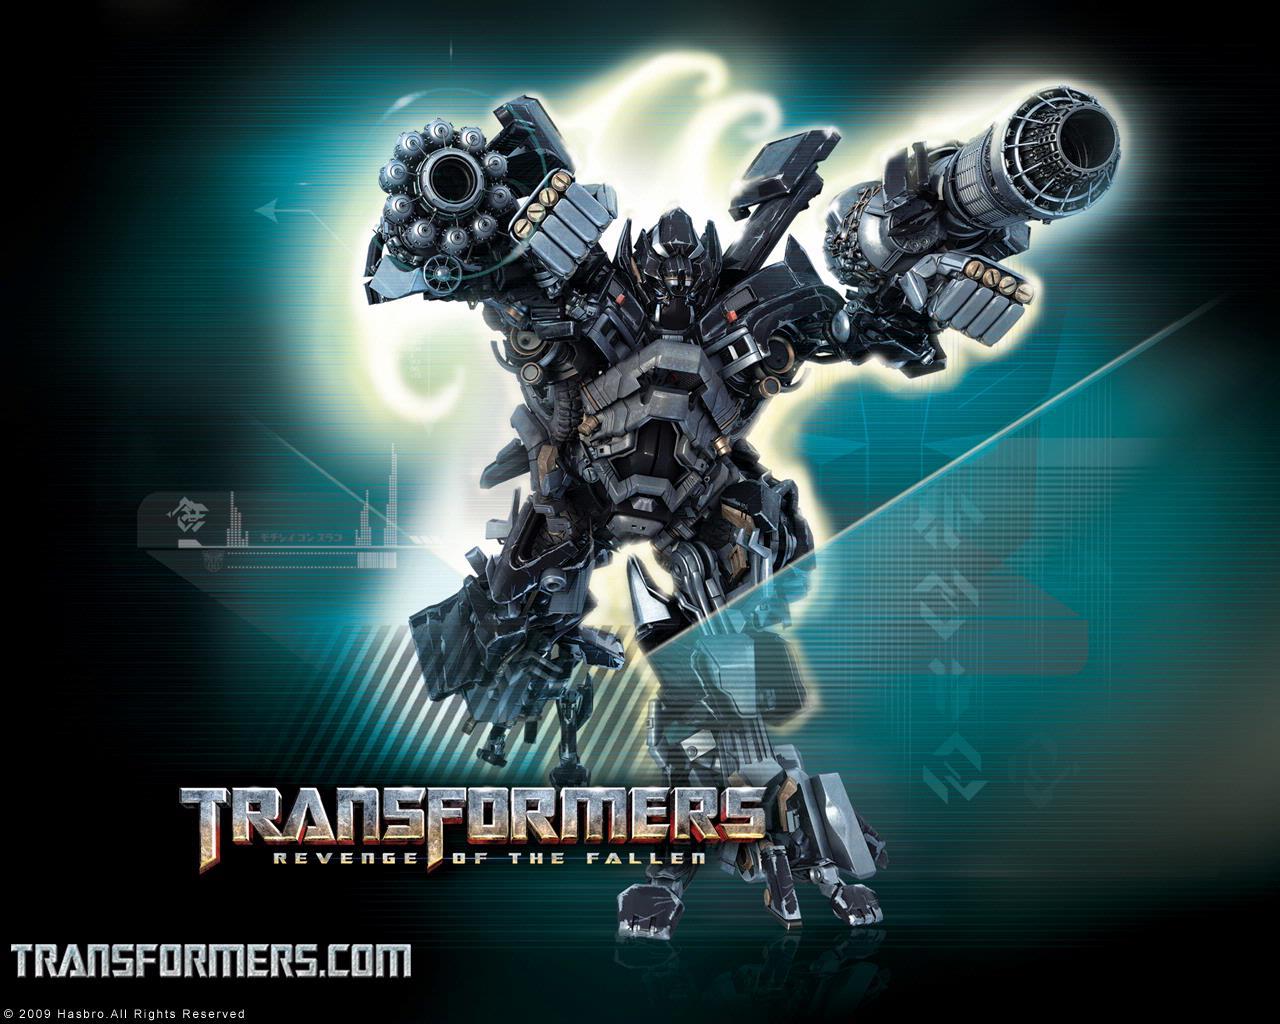 http://3.bp.blogspot.com/-JYx56utFB7s/Tf-aZeOdGaI/AAAAAAAAAcA/y5Rv1wvvM5s/s1600/wp_transformers1321_1280.jpg